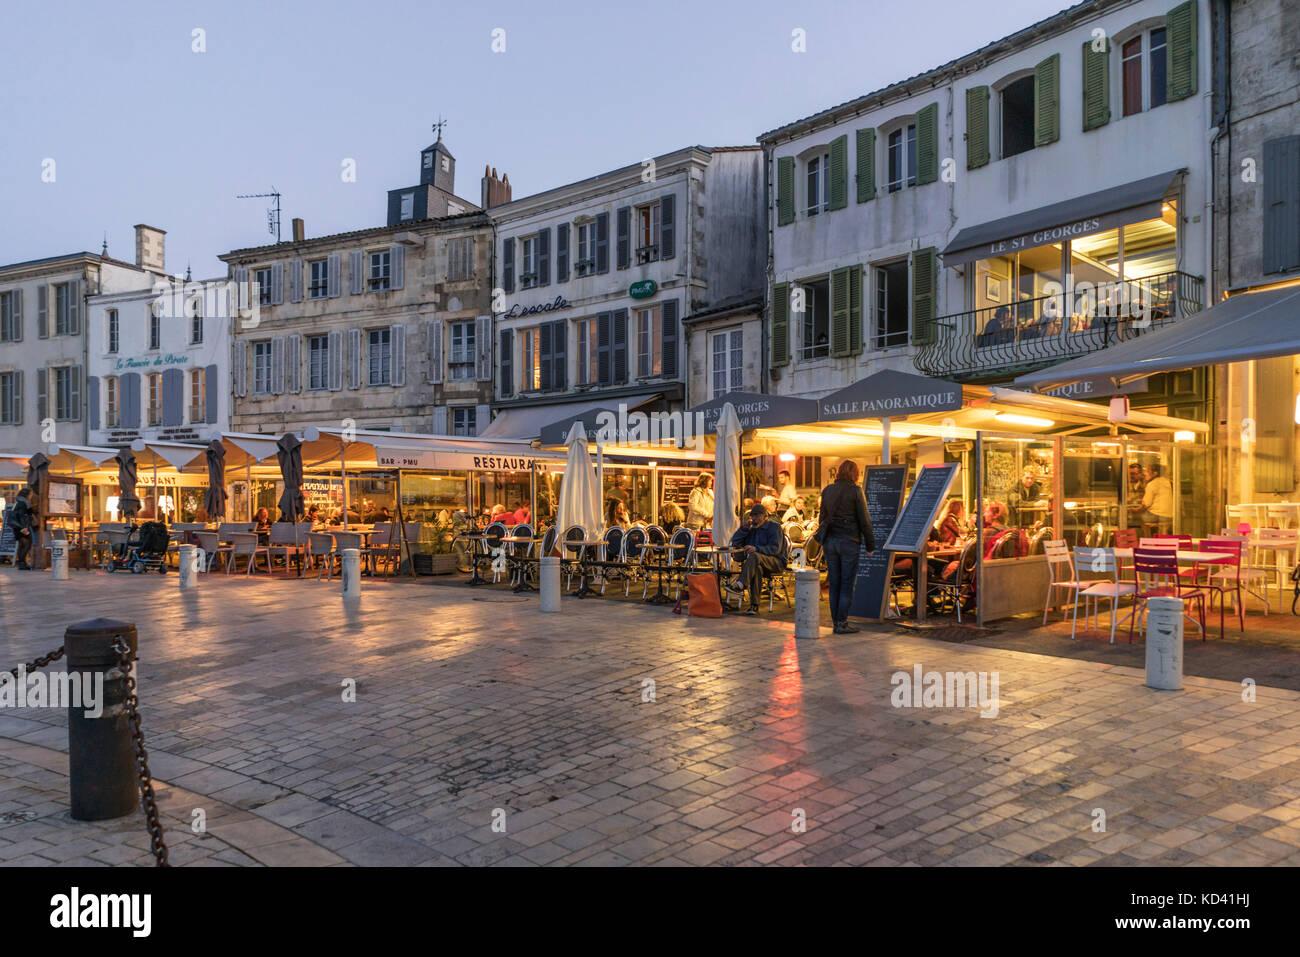 La flotte stock photos la flotte stock images alamy - Restaurants port la nouvelle ...